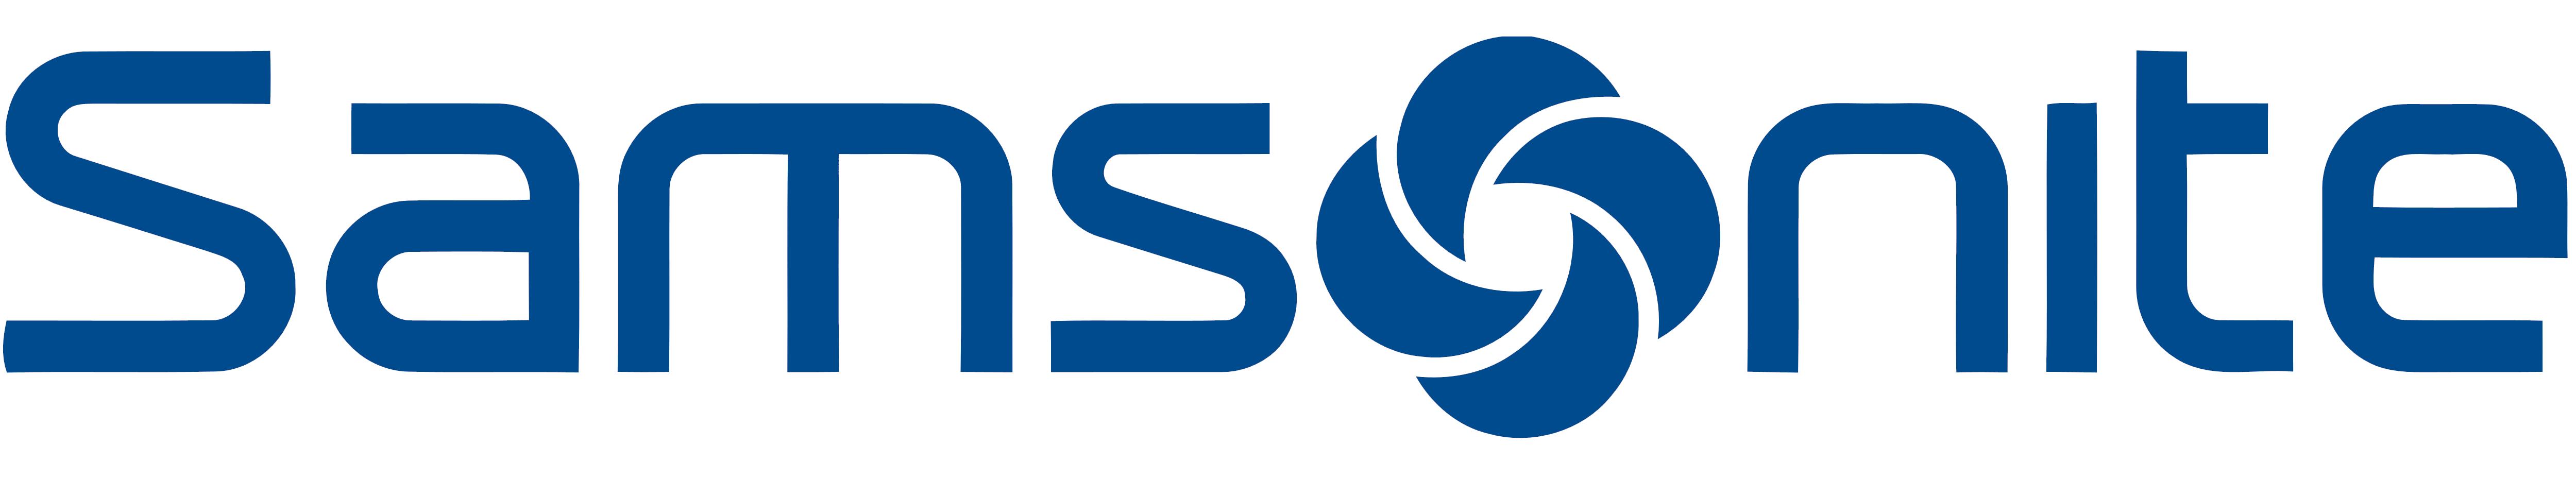 Samsonite – Logos Download